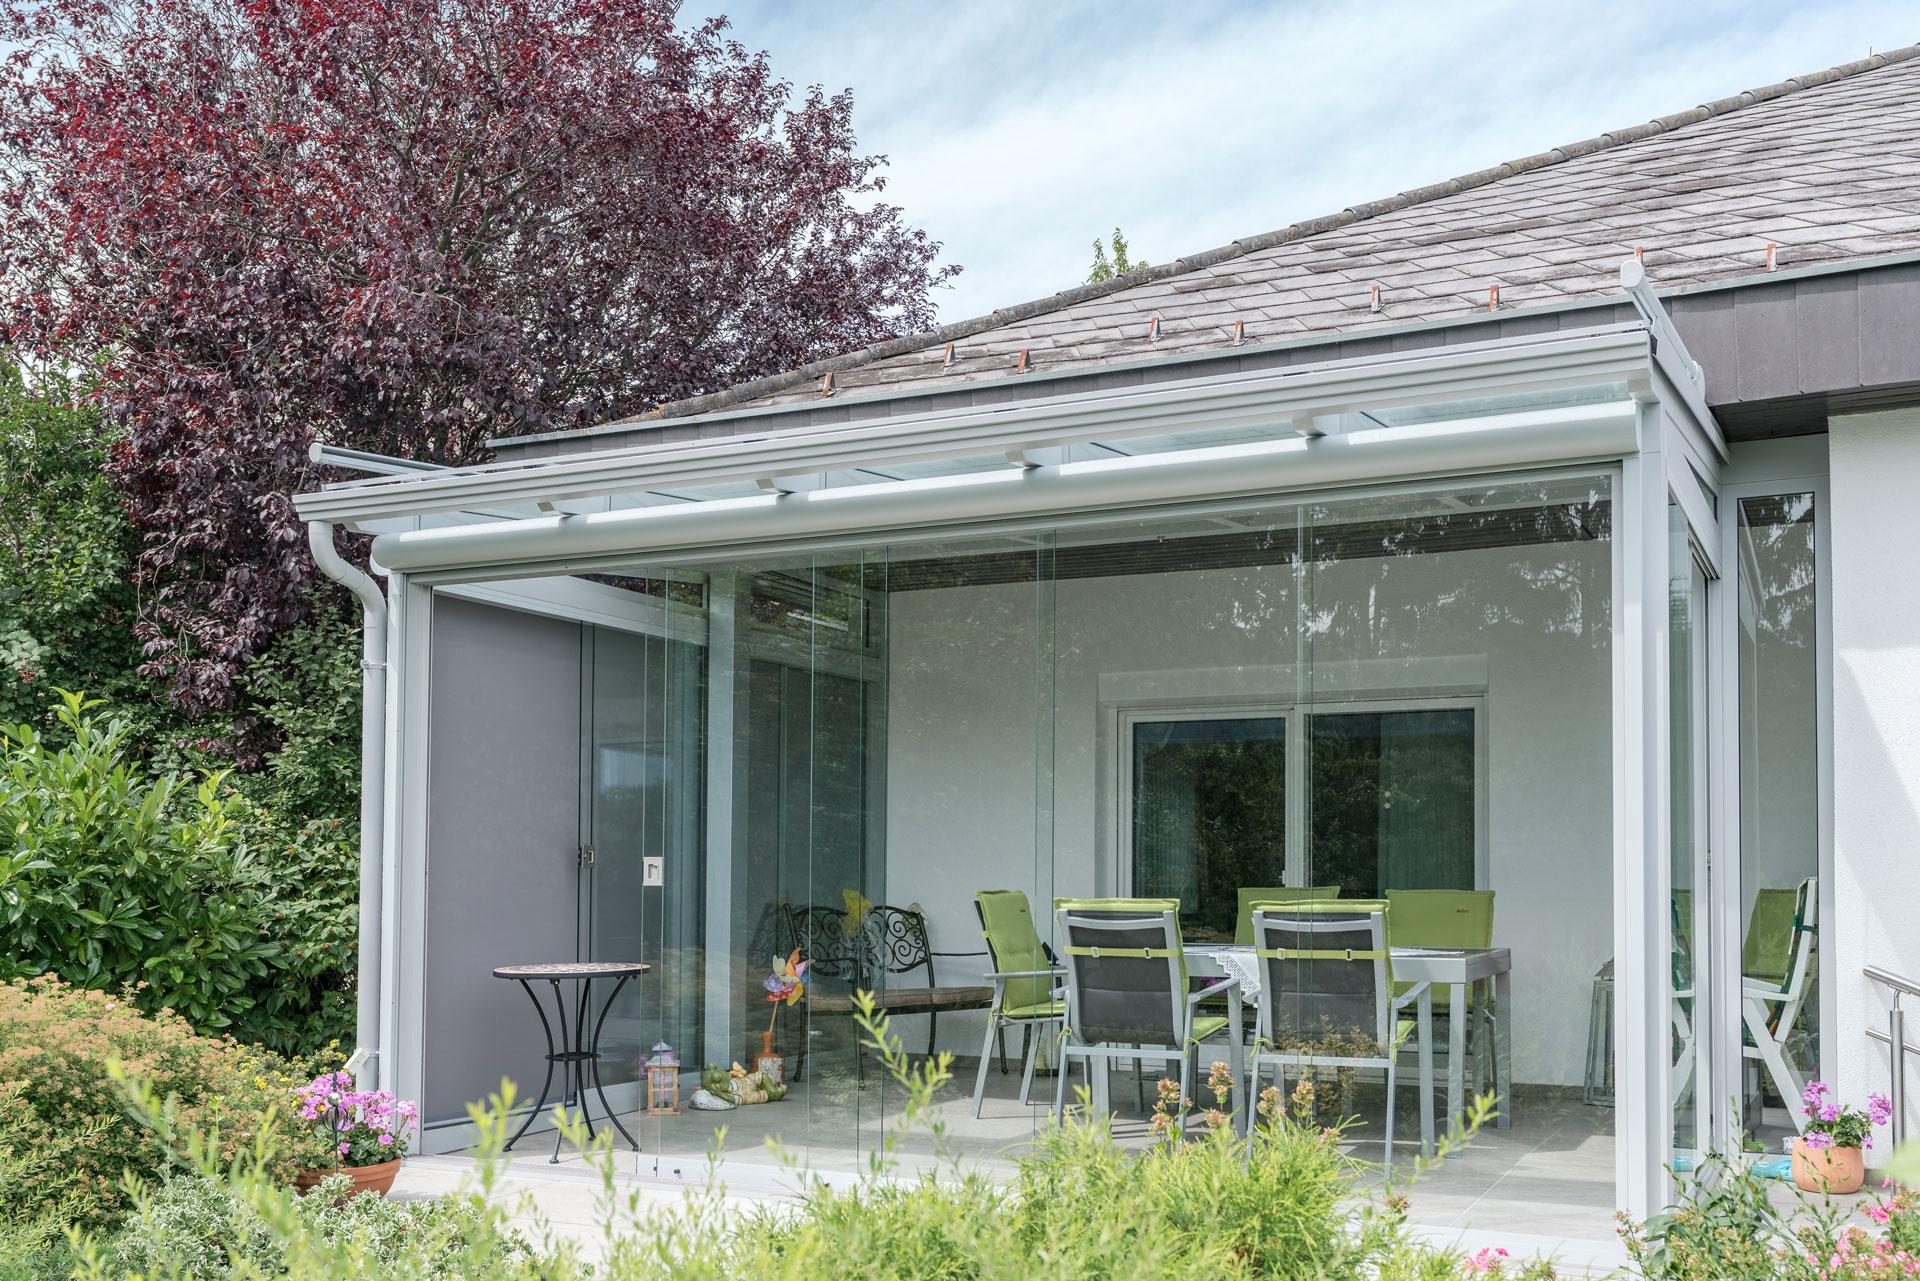 Sommergarten Alu 33 a | seitlich komplett verglaste Terrassenüberdachung, Regenrinne, grau | Svoboda